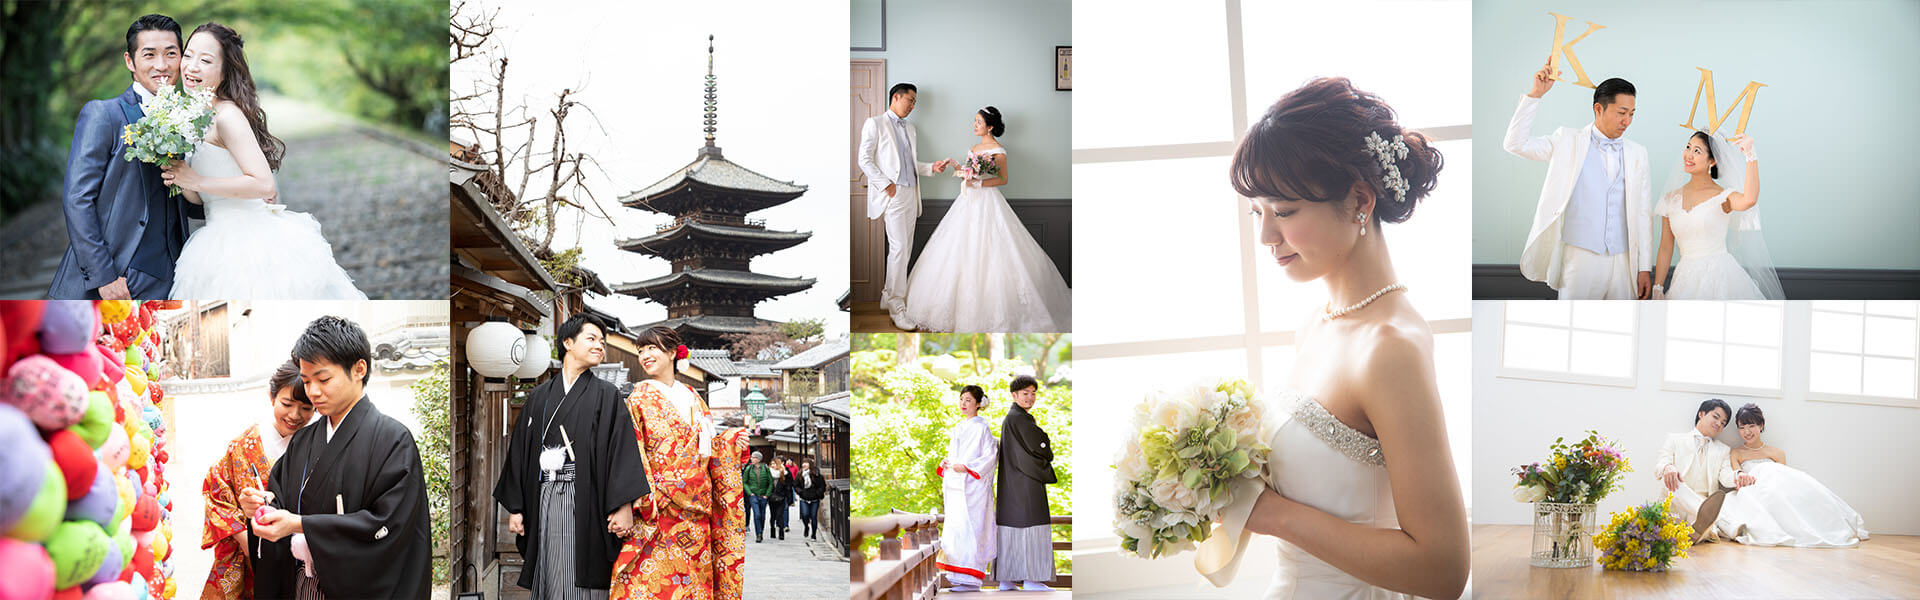 京都の和装洋装フォトウエディング・前撮り・結婚写真